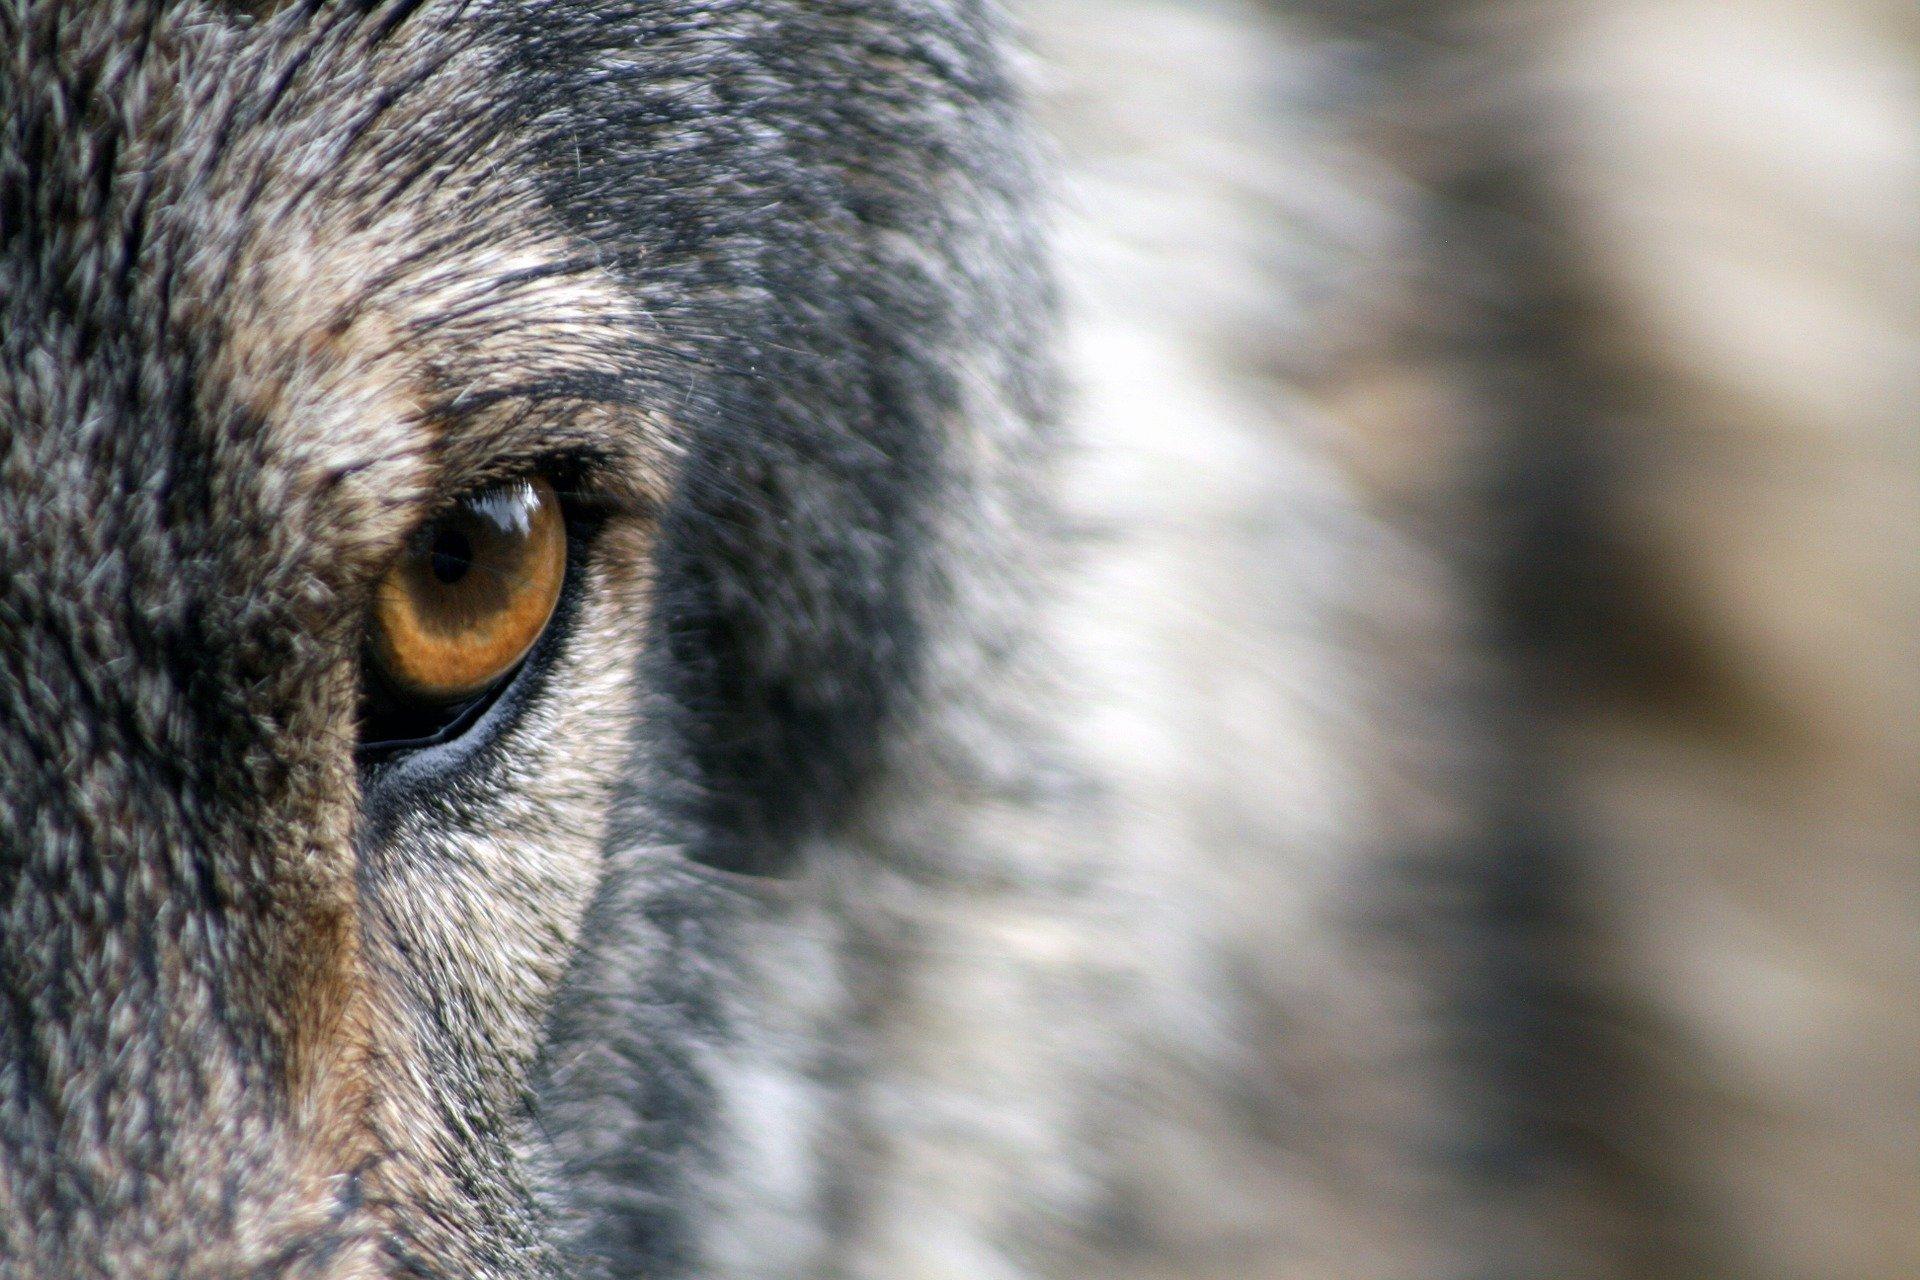 Wójt wydał komunikat dotyczący m.in. wilków. Prosi o ostrożność  - Zdjęcie główne